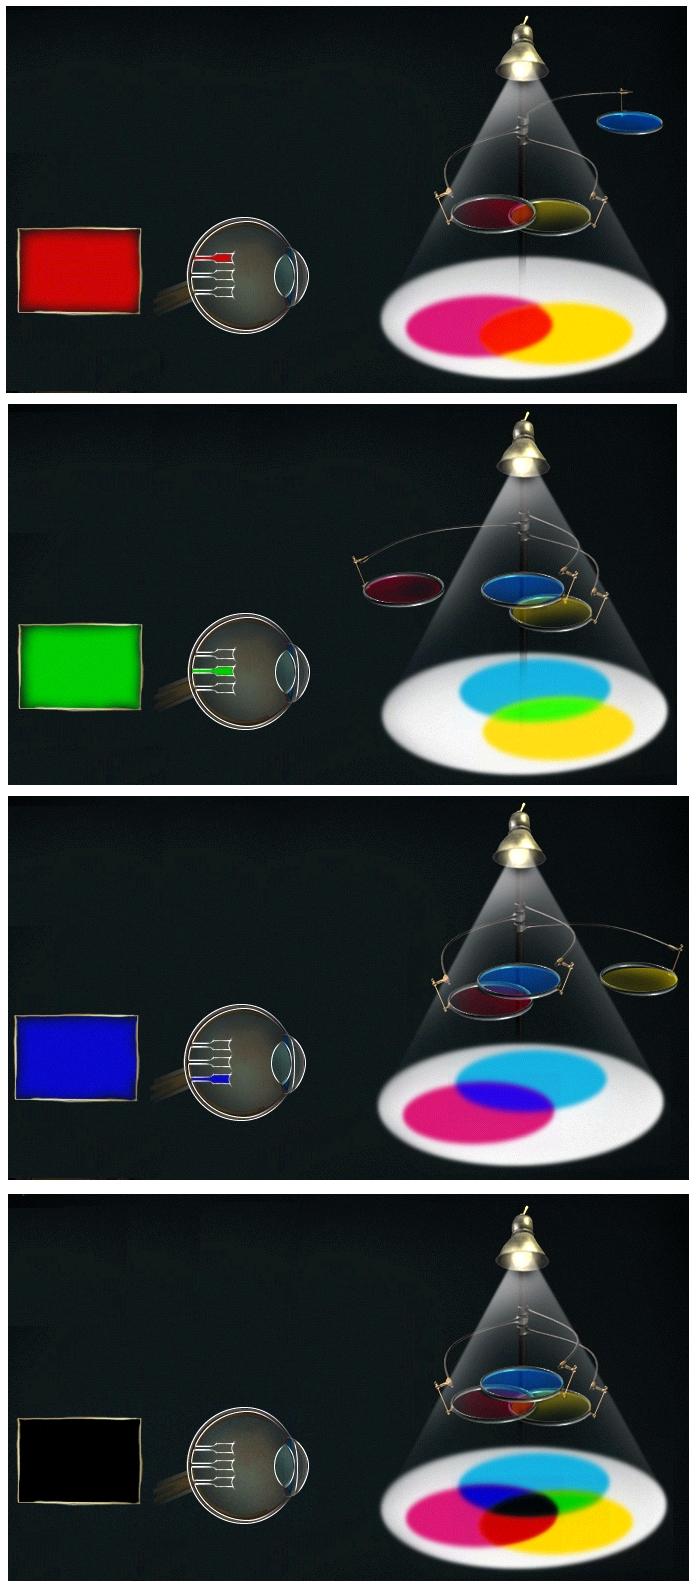 Сколько цветов в спектре